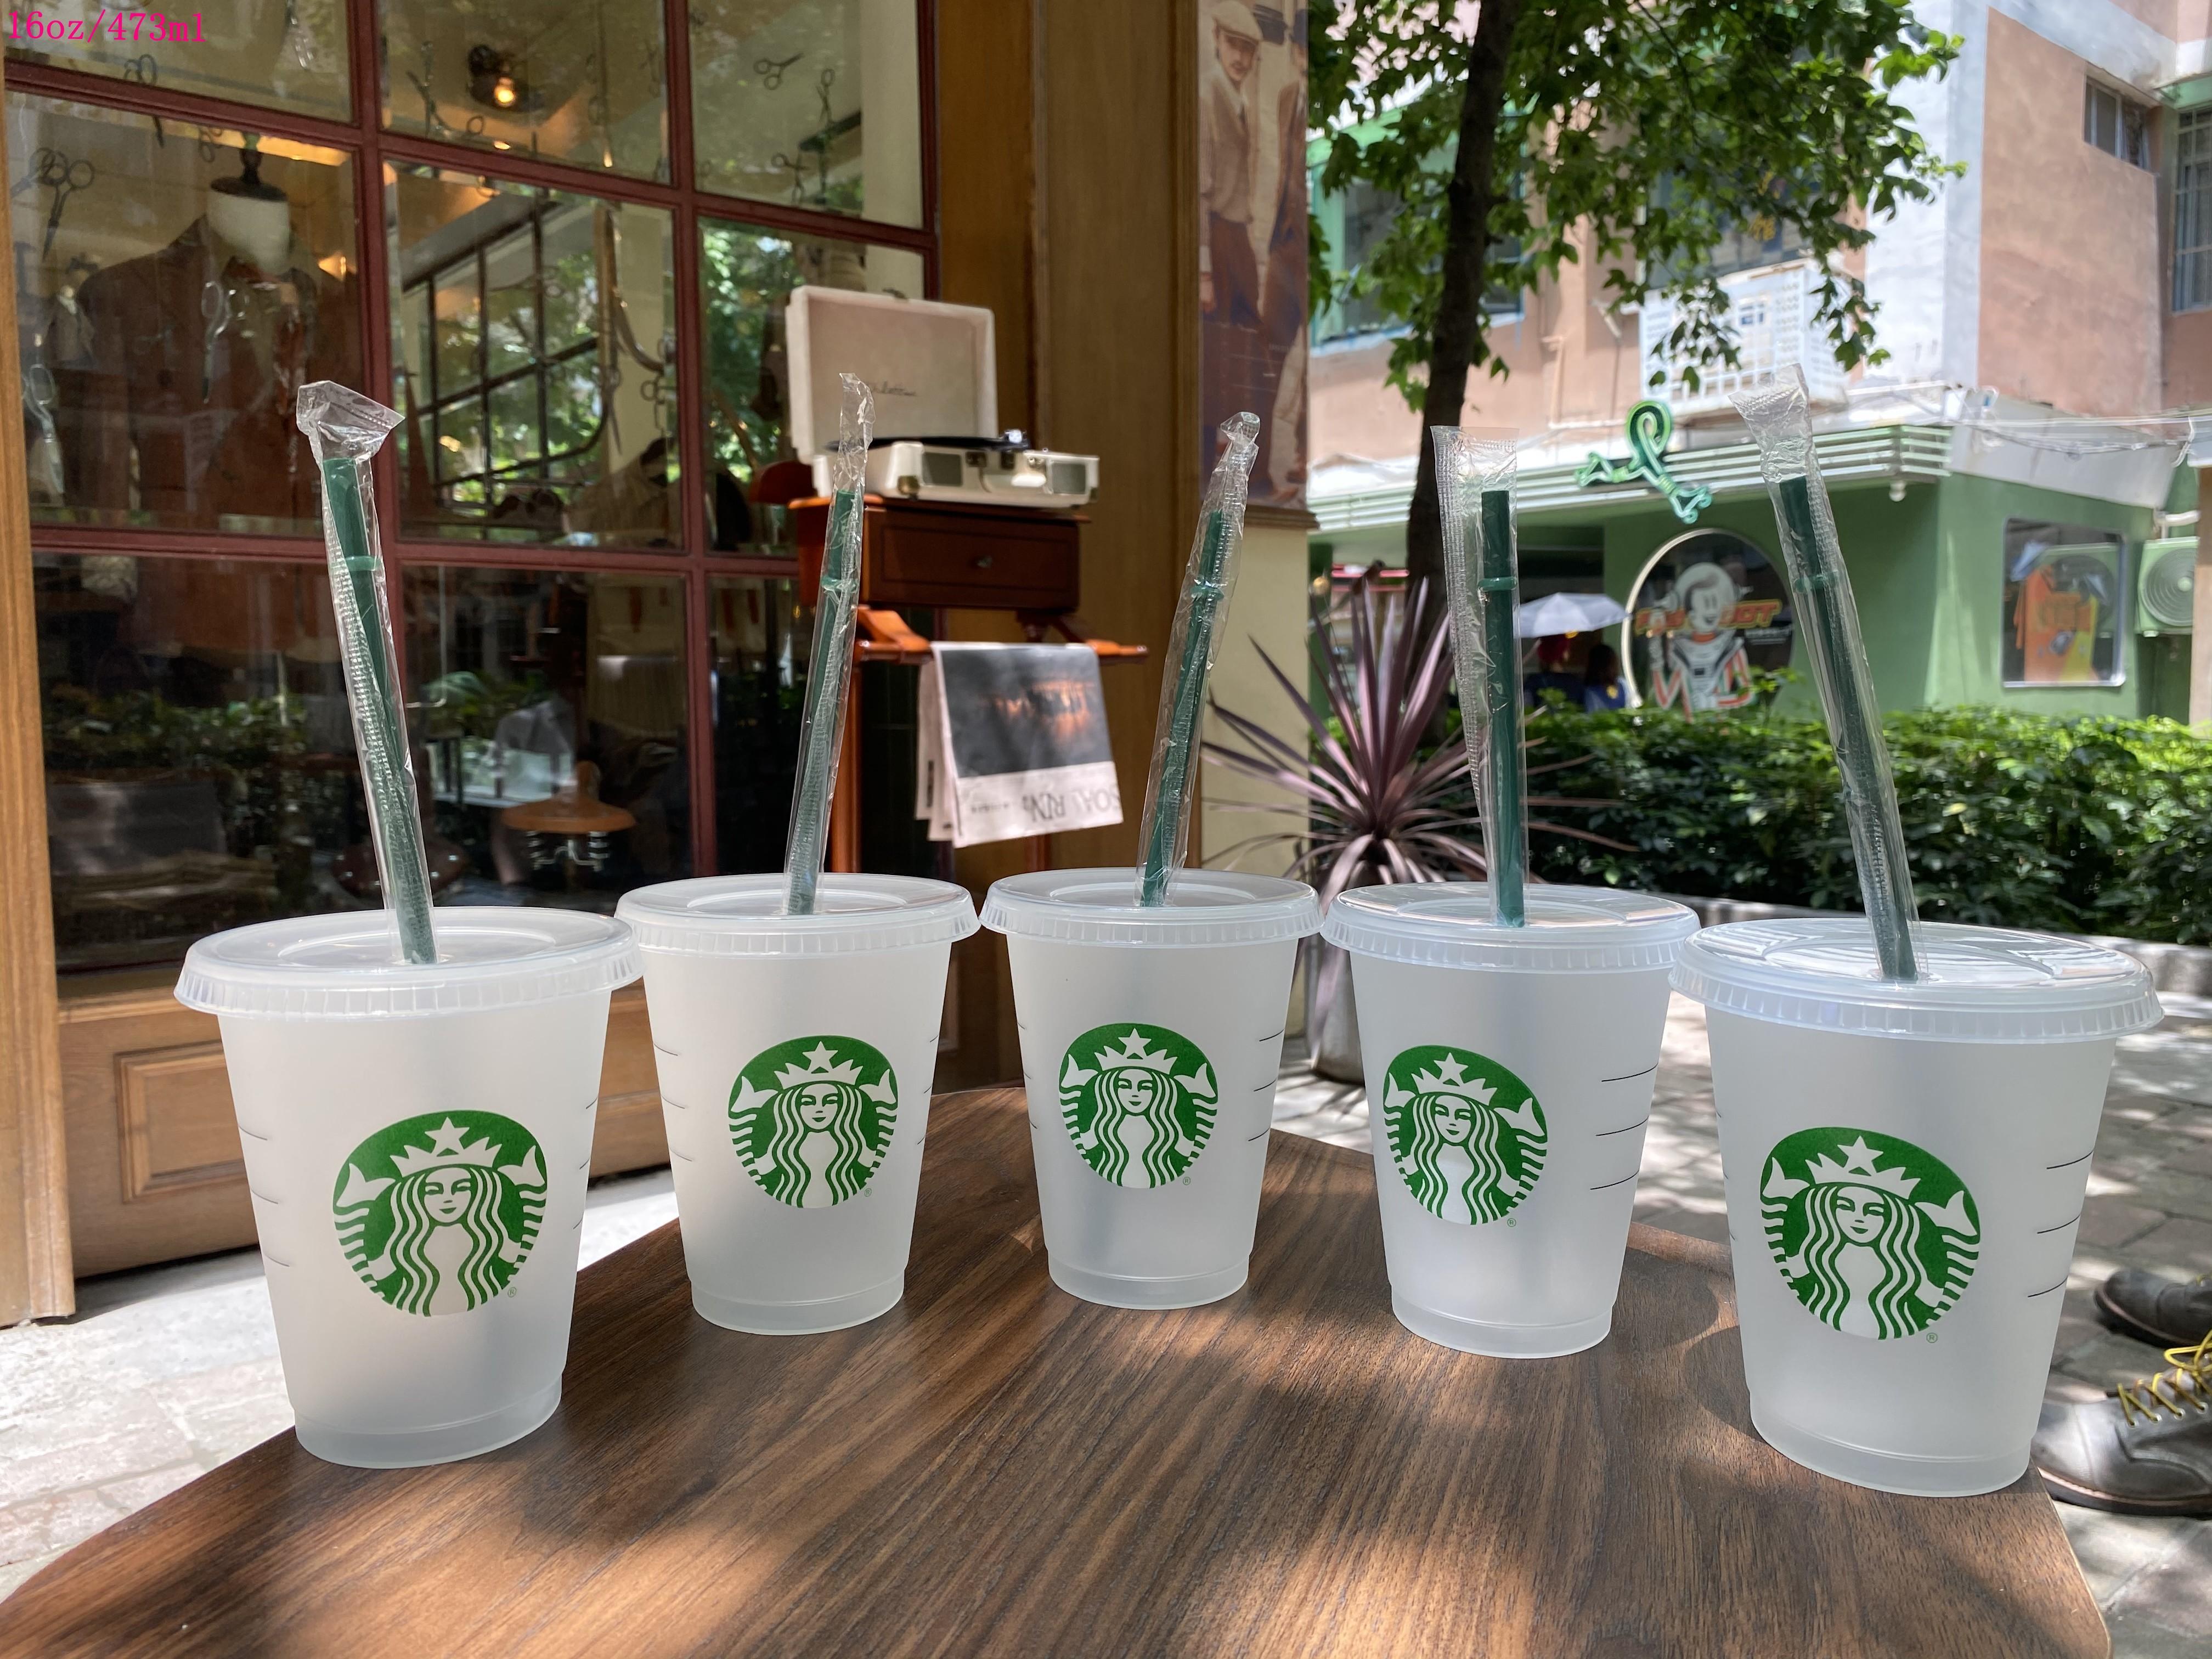 Starbucks حورية البحر إلهة 16oz / 473ML أكواب بلاستيكية شفافة عصير لا يغير لون المشروبات القابلة لإعادة الاستخدام مع أغطية القش القهوة كؤوس